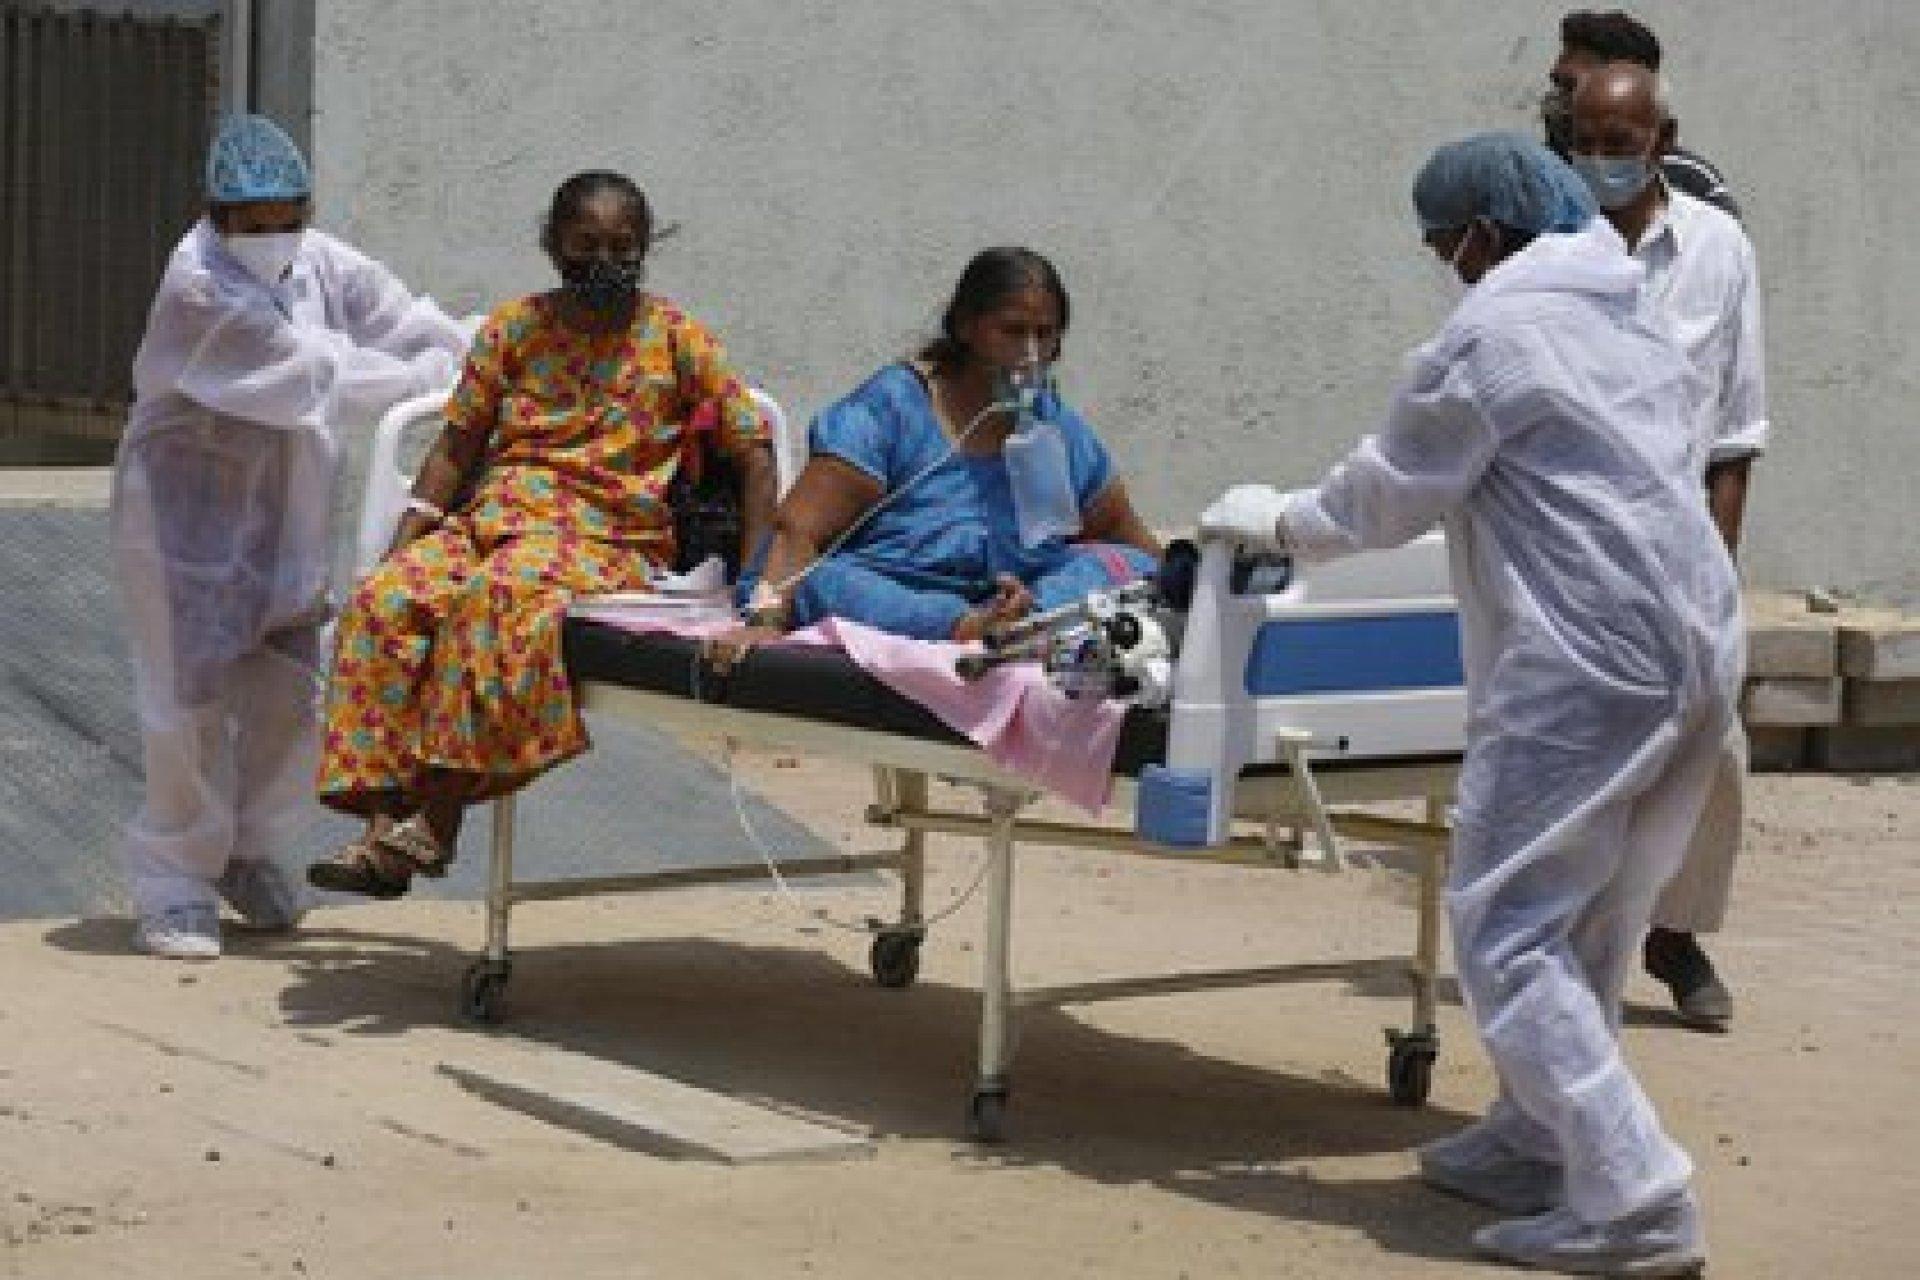 Un trabajador de la salud transporta a los pacientes para trasladarlos de un hospital dedicado al COVID-19 a otro hospital para desocupar la cama para nuevos pacientes, en el hospital Civil de Ahmedabad, India, el martes 13 de abril de 2021 (AP Photo / Ajit Solanki).